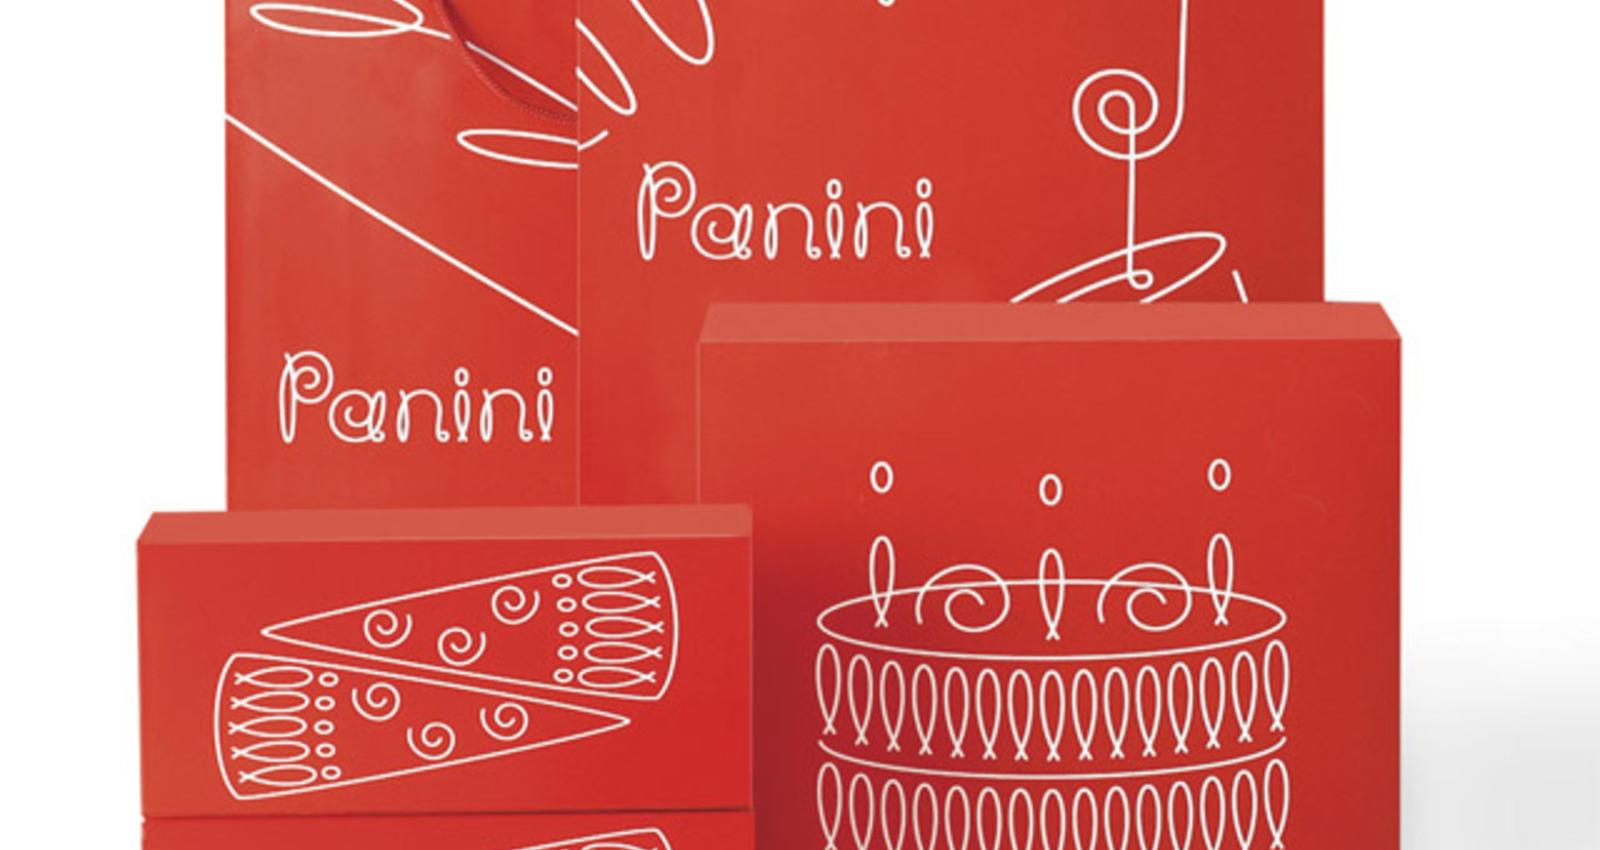 Panini Packaging